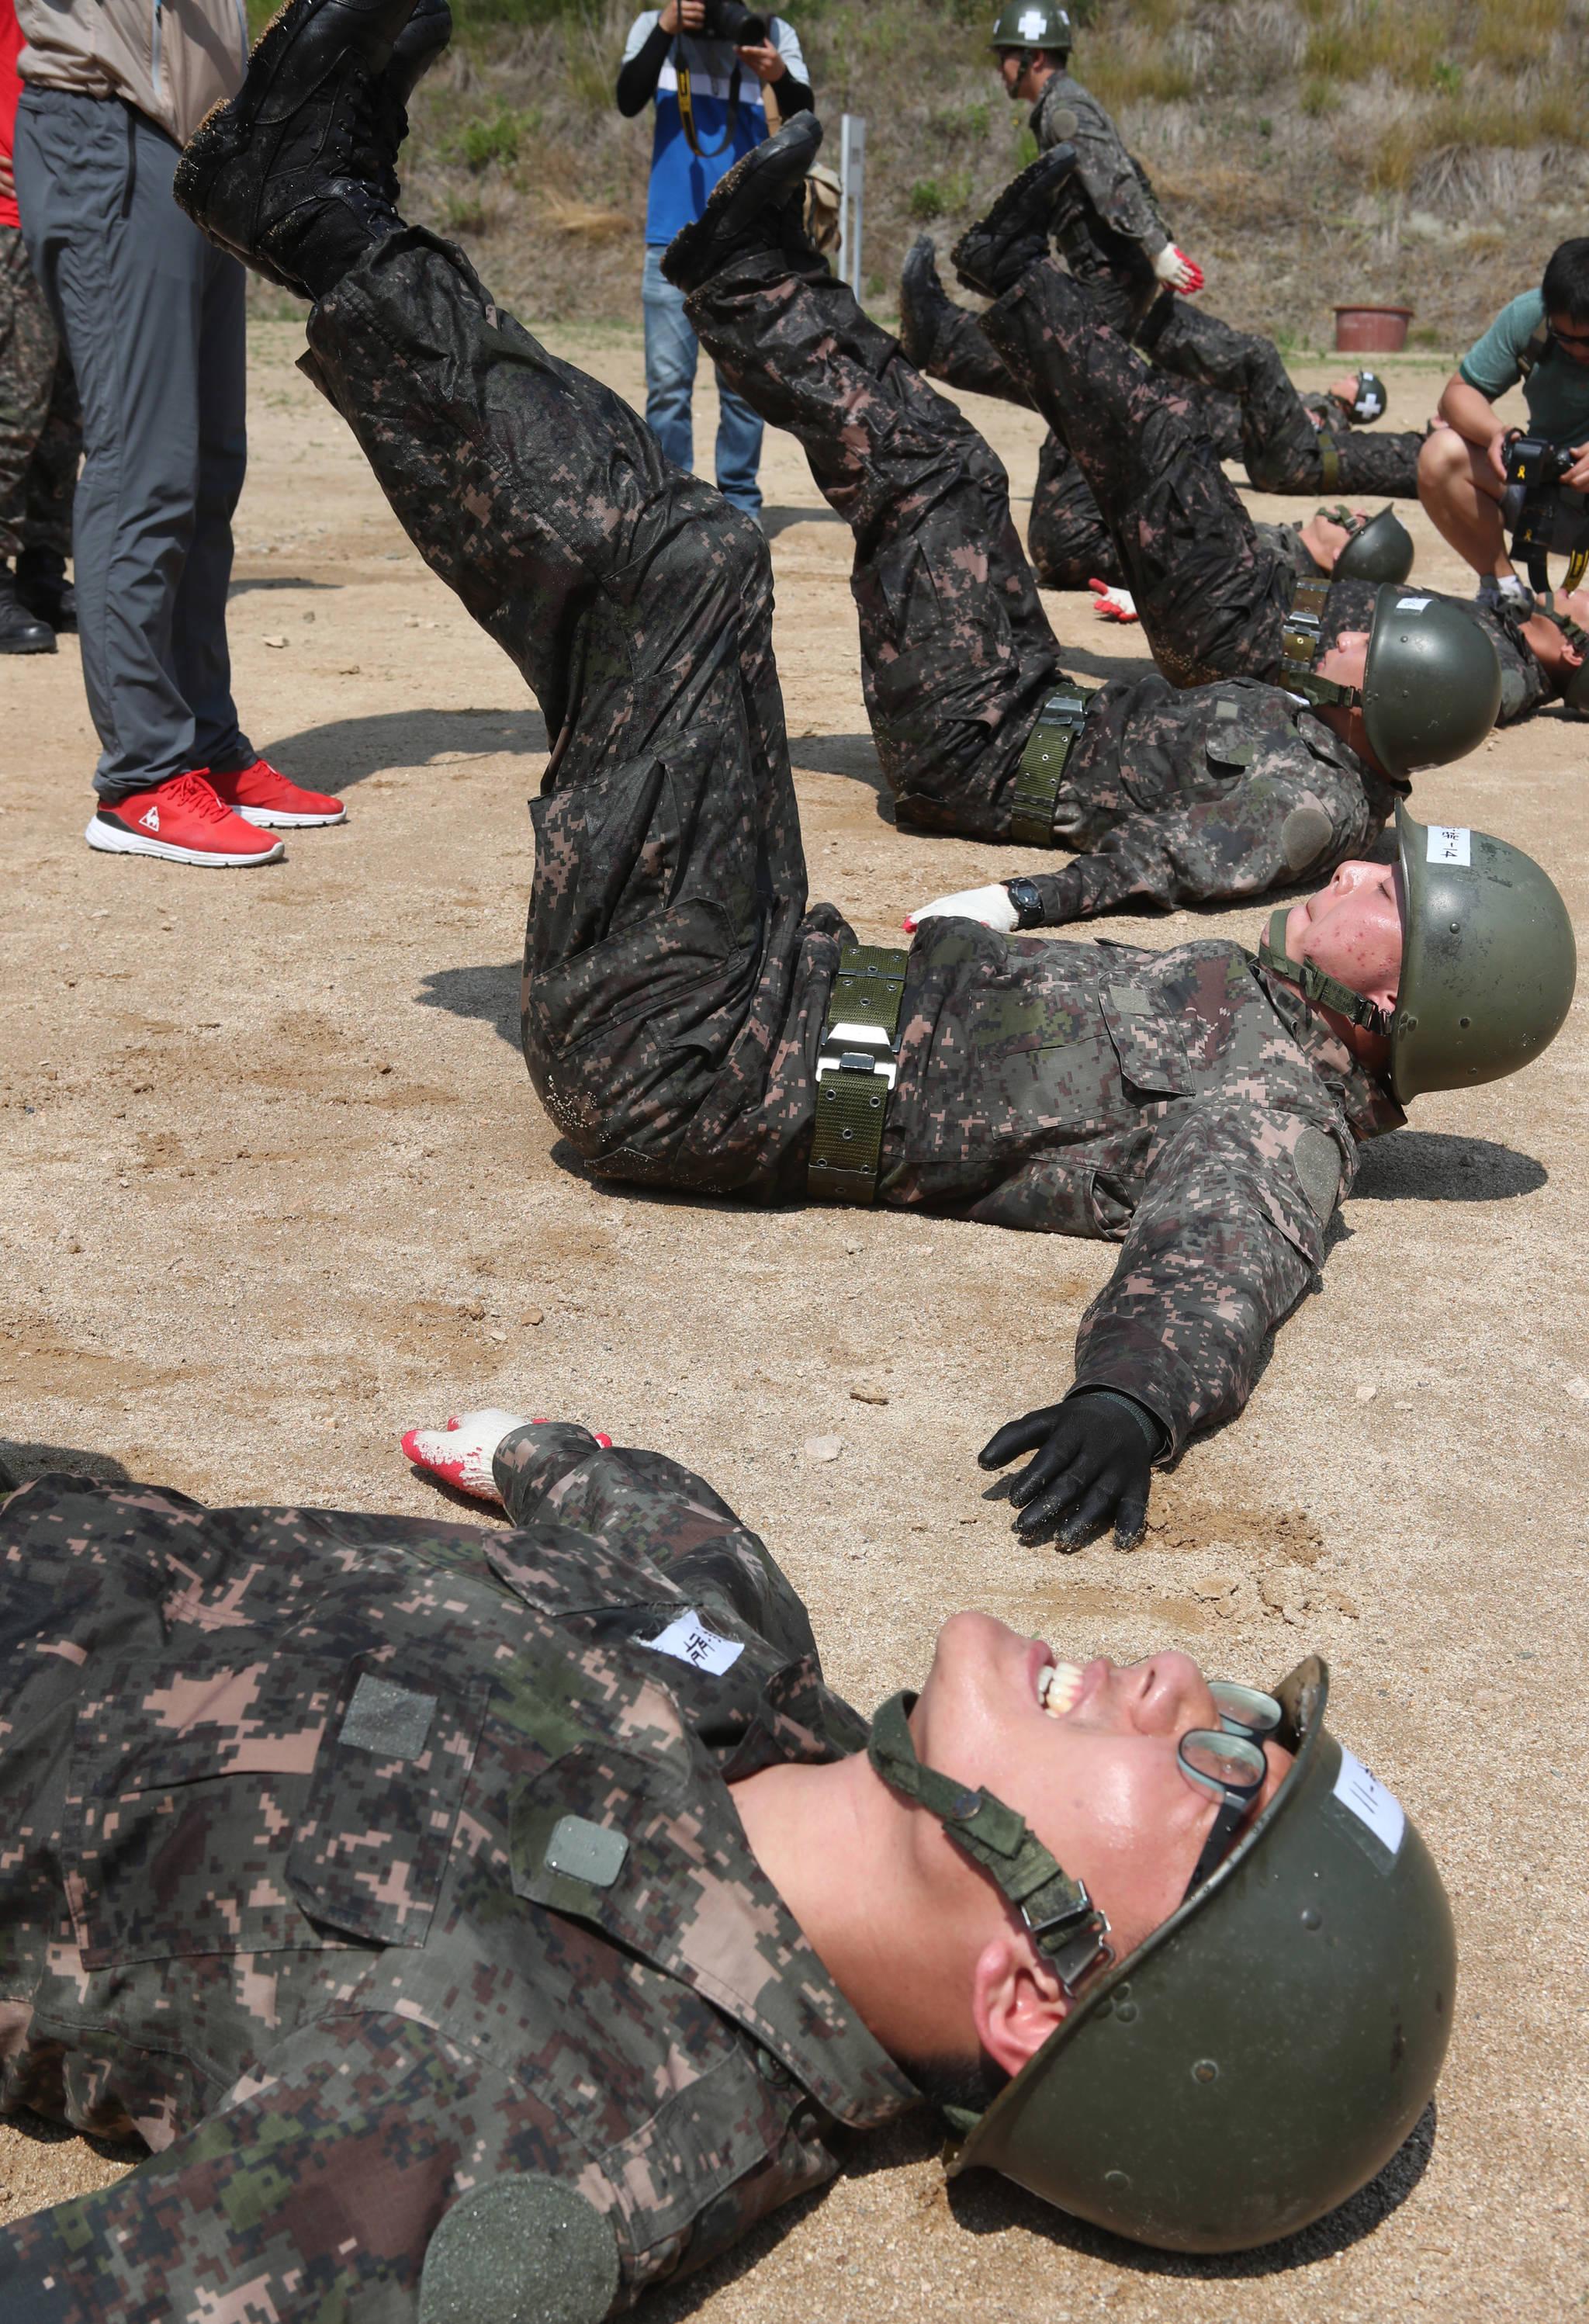 경남 함안군 군북면 39사단 장병들이21일 오전 무더위와 싸우며 유격훈련을 하고 있다.송봉근 기자